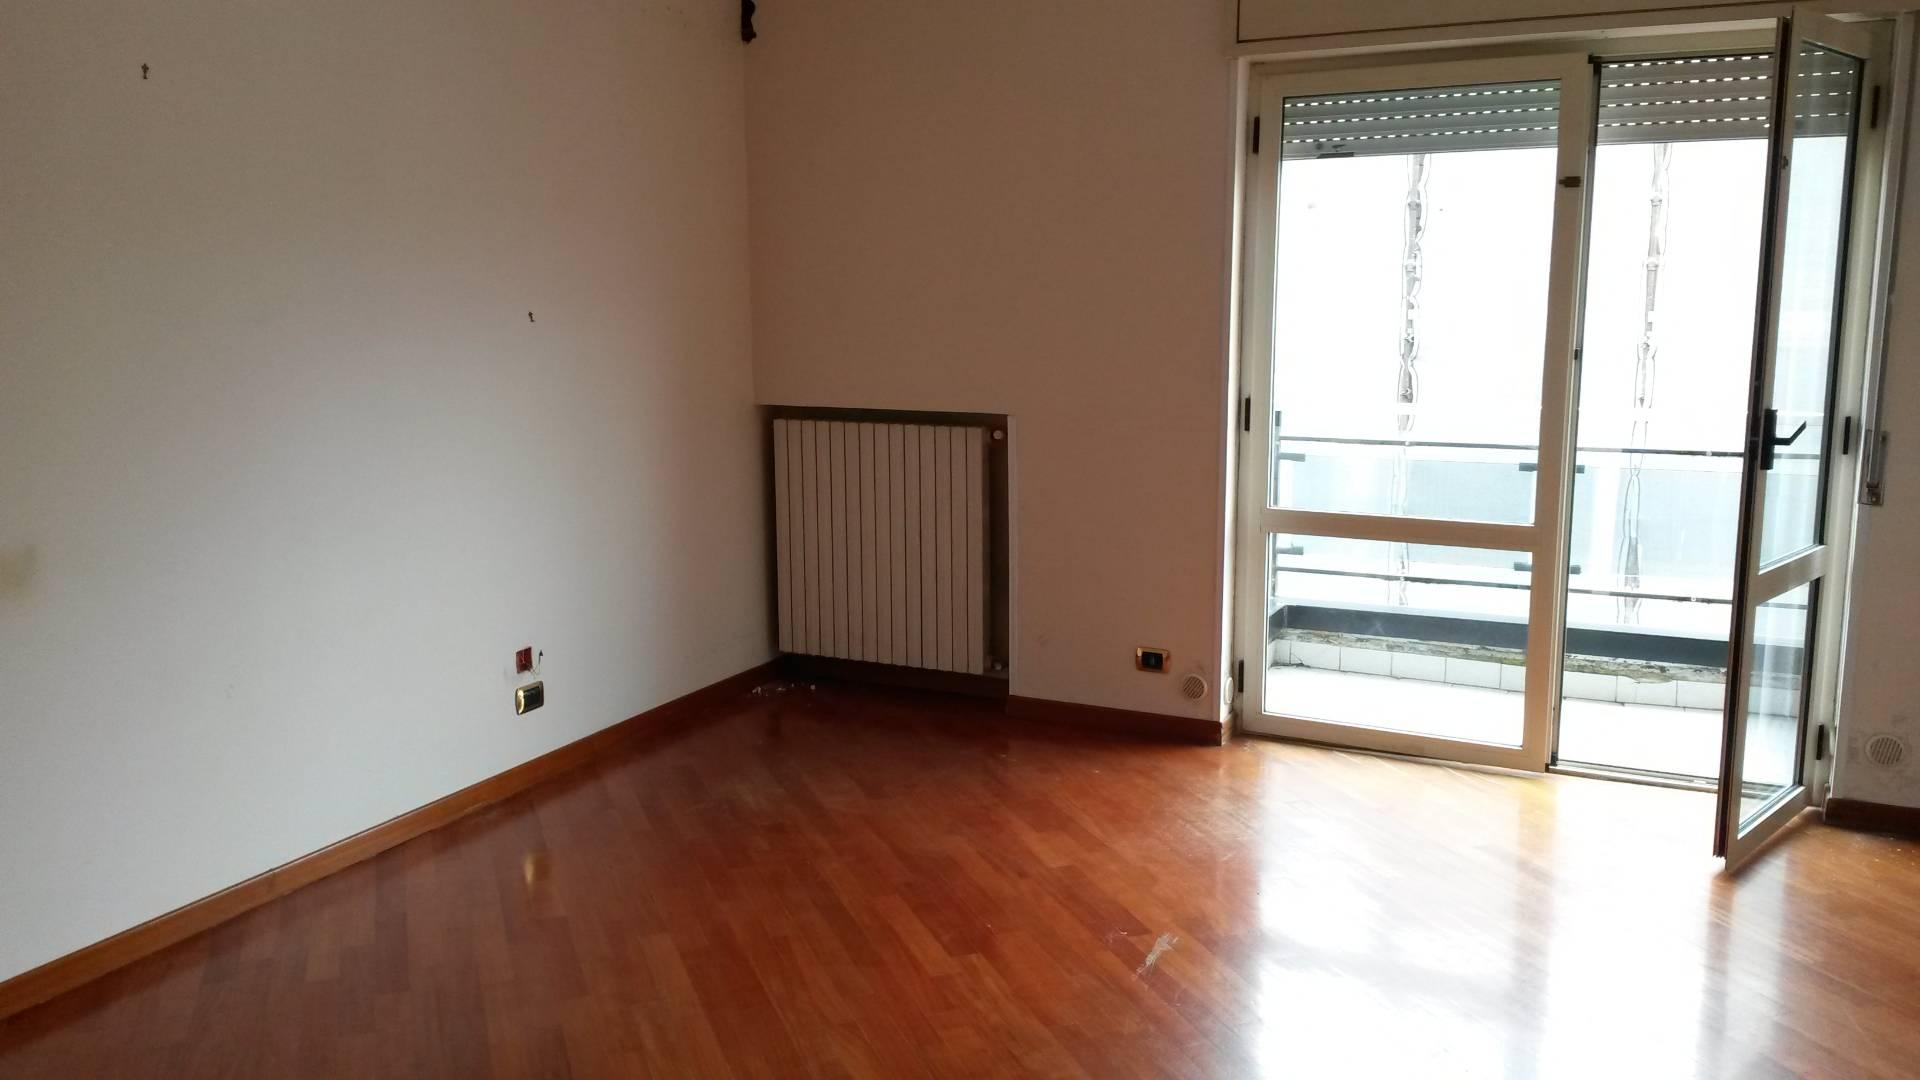 Appartamento in affitto a Ottaviano, 4 locali, prezzo € 500 | CambioCasa.it